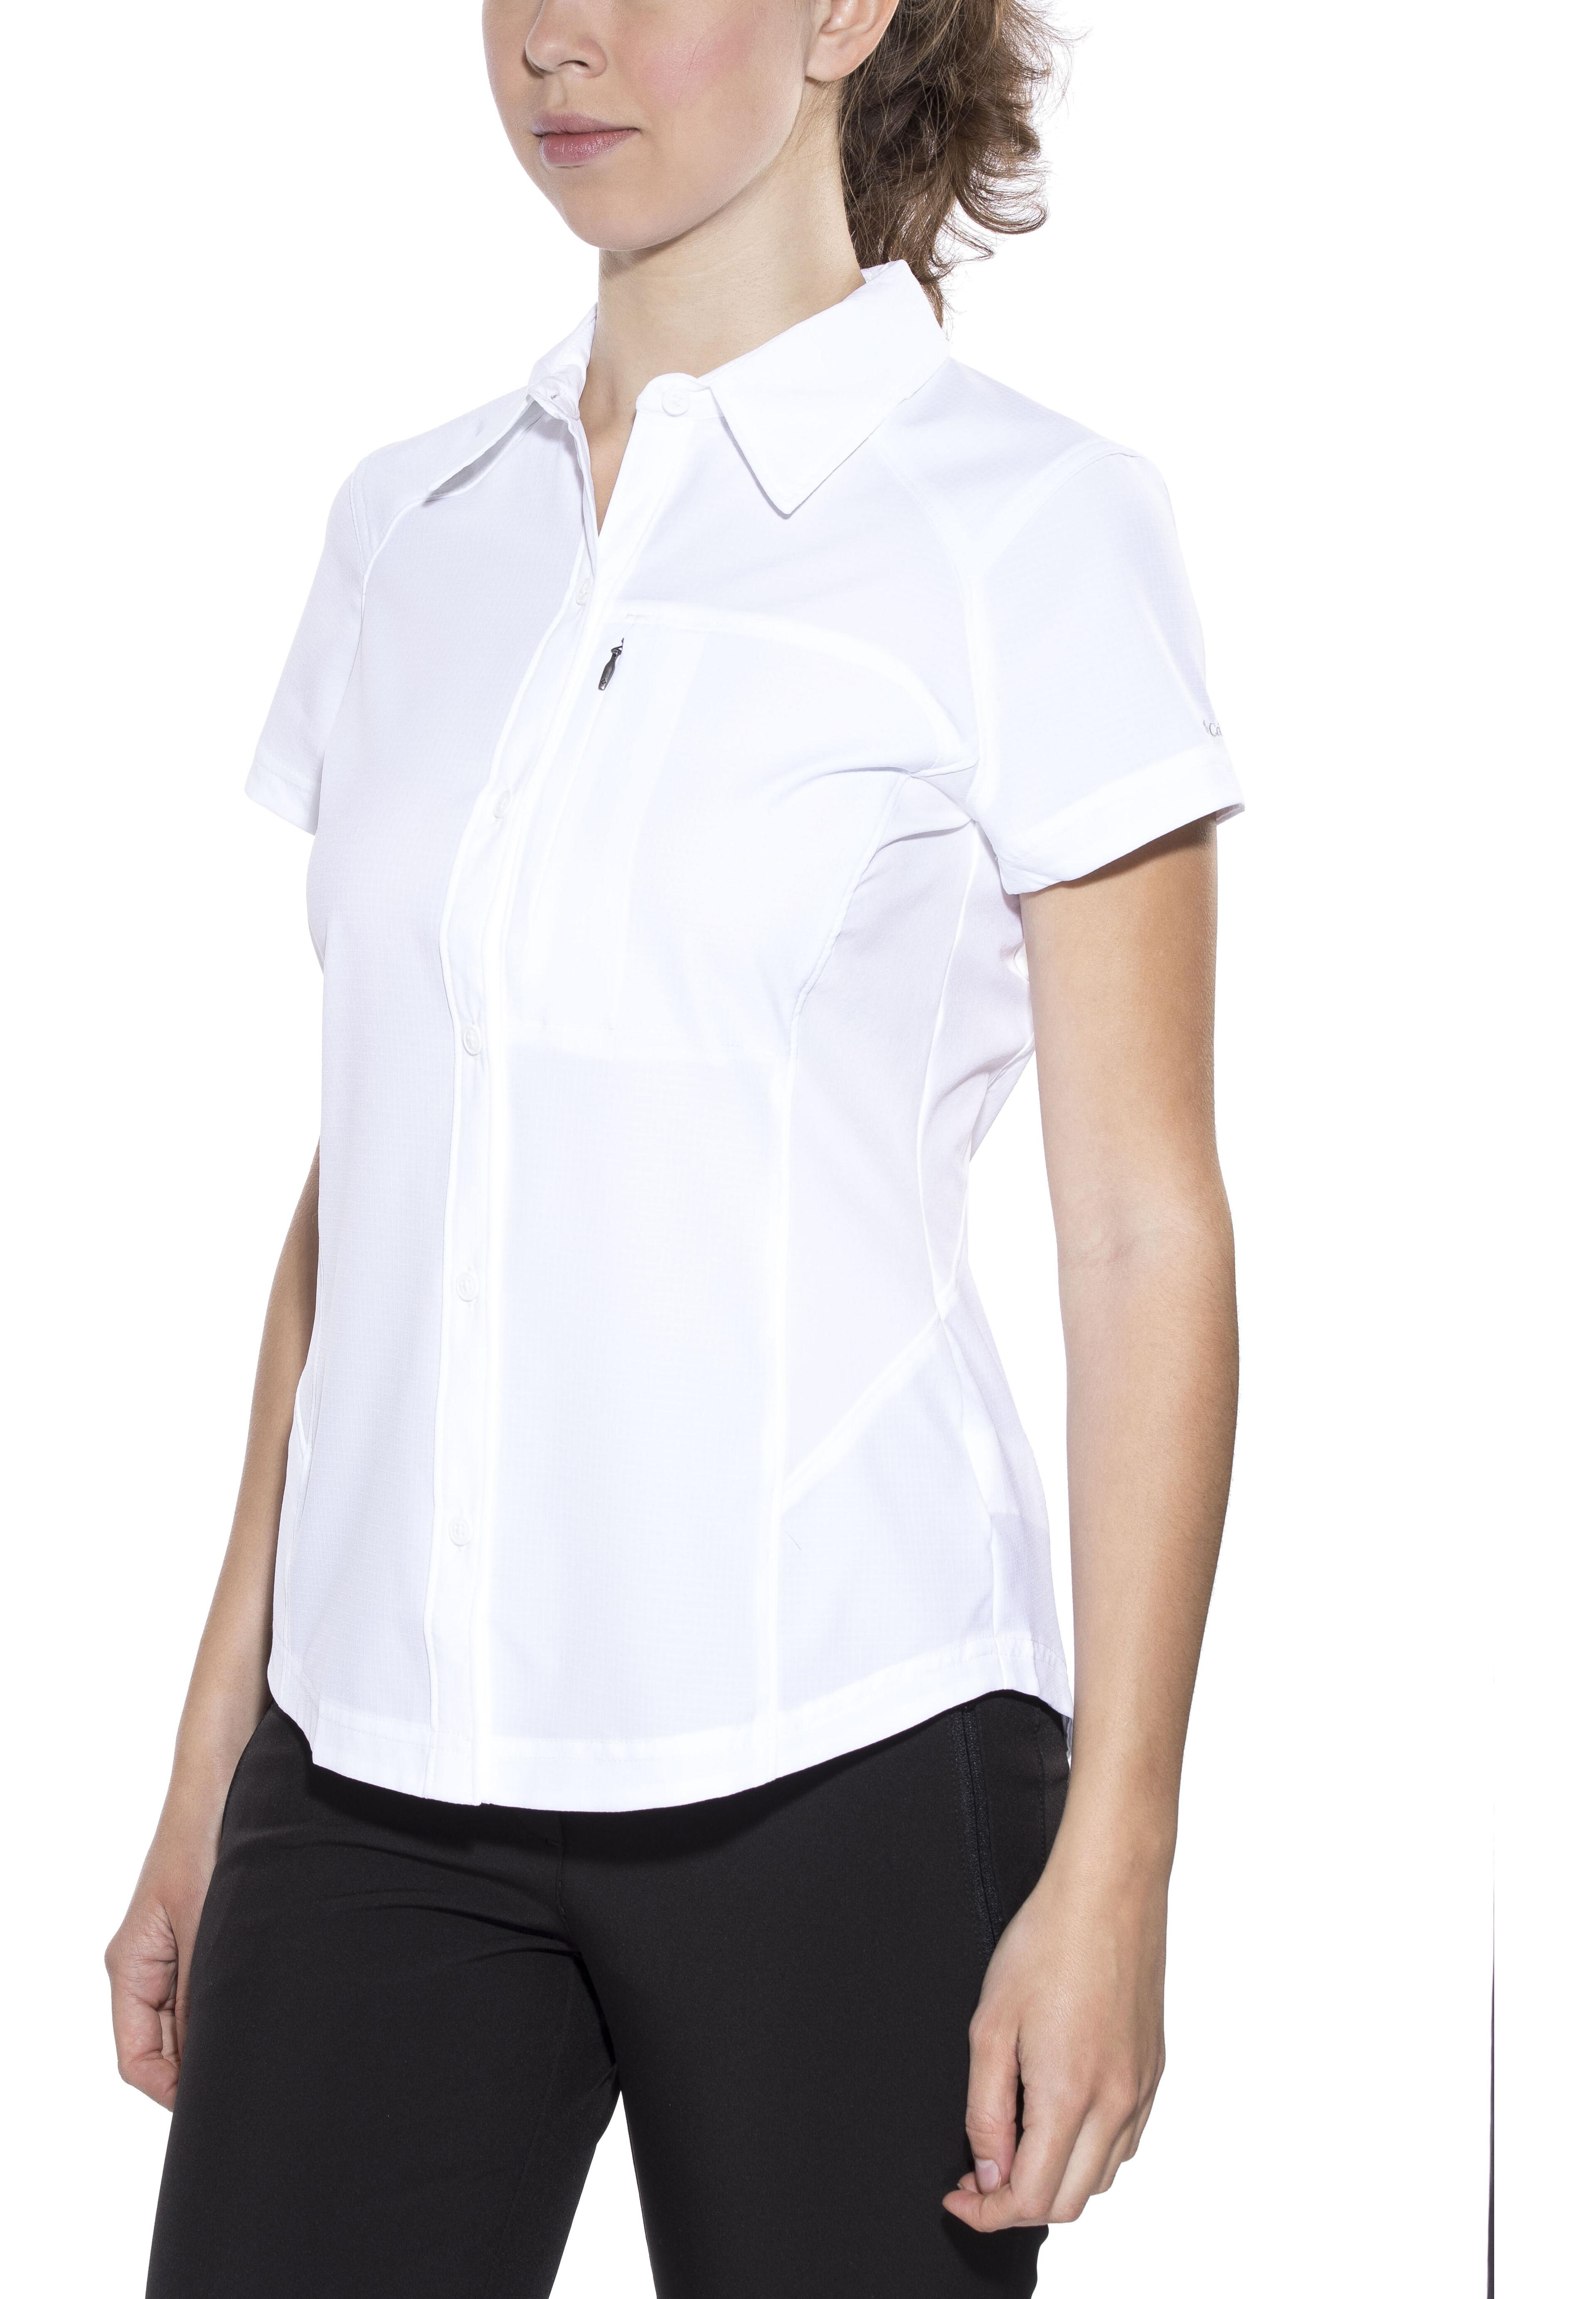 98f22b9ebd524 Columbia Silver Ridge - Camiseta manga corta Mujer - blanco